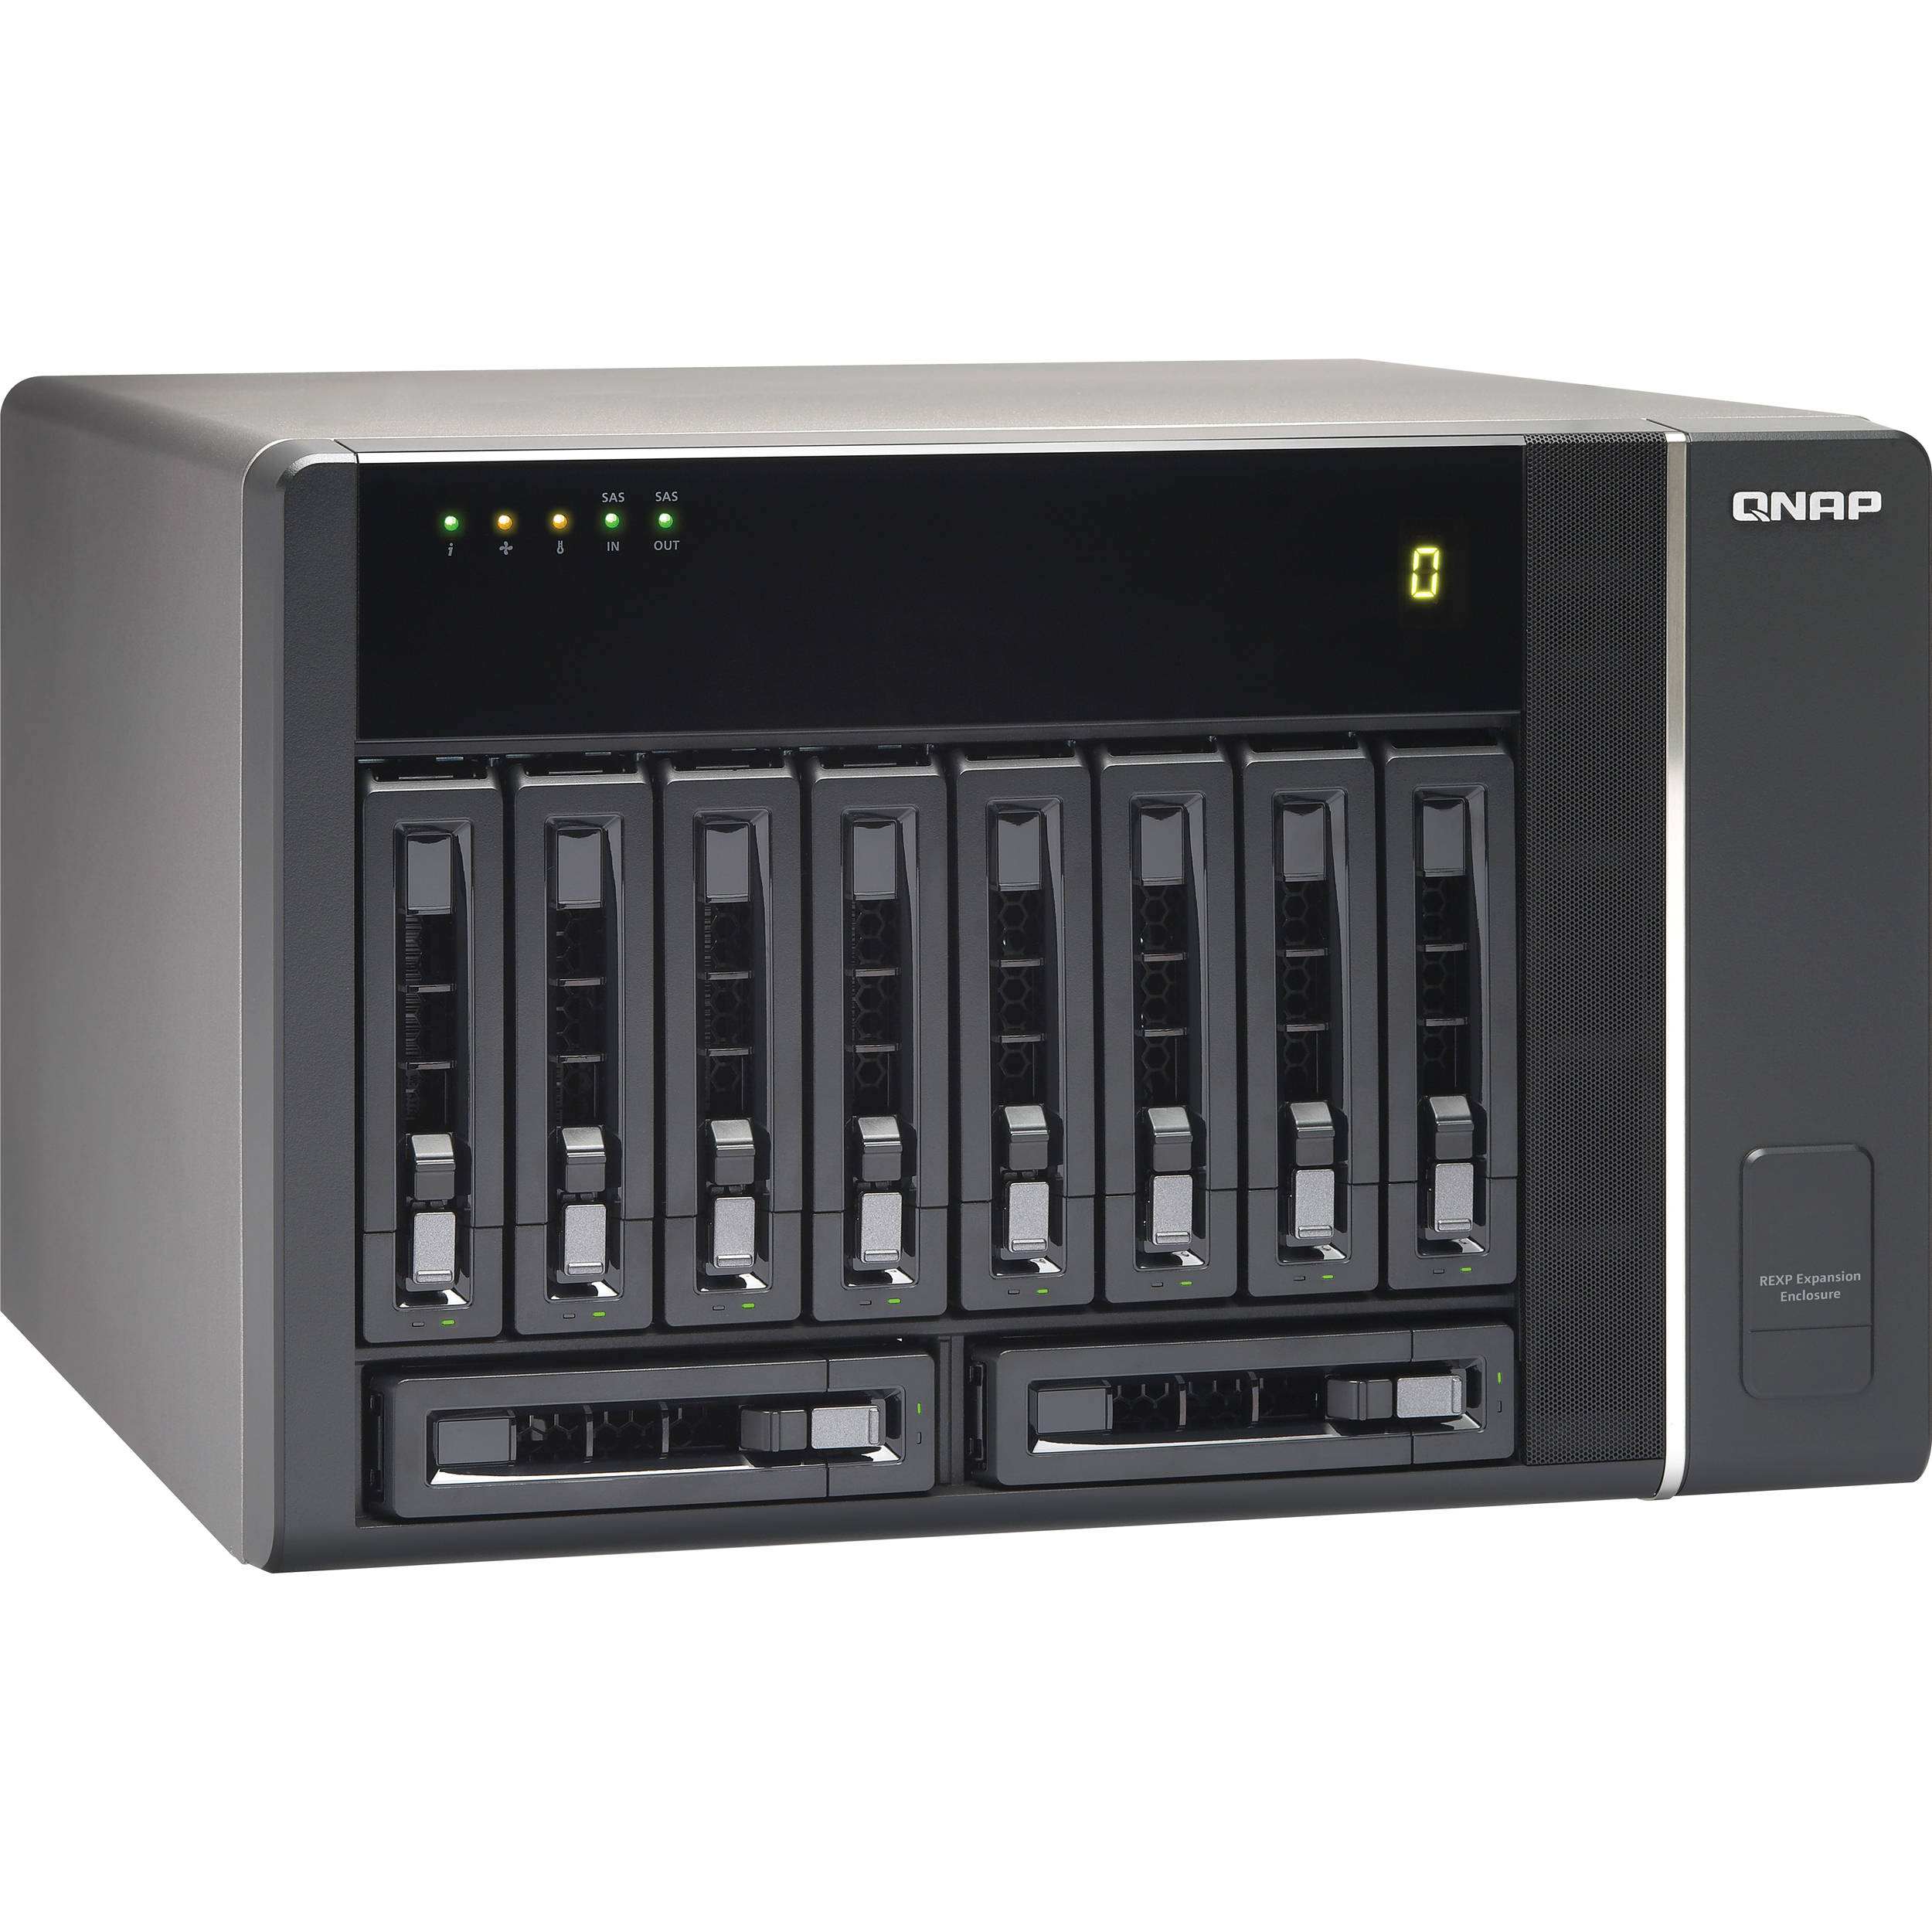 QNAP REXP-1000 Pro 10-Bay SAS RAID Expansion Enclosure